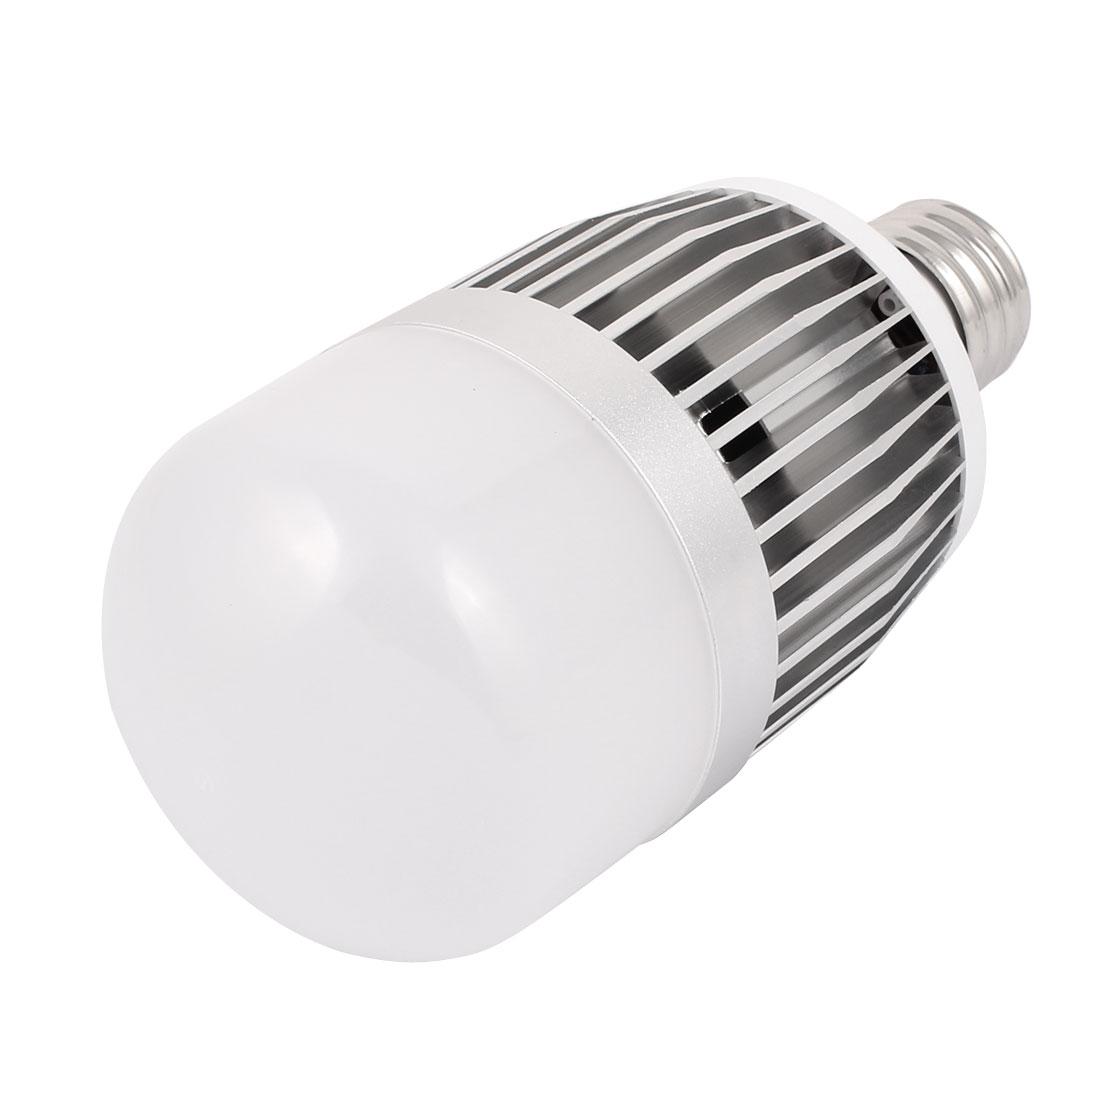 AC 220V High Power 30W E40 4343 SMD Energy Saving LED Bulb Lamp Light Pure White